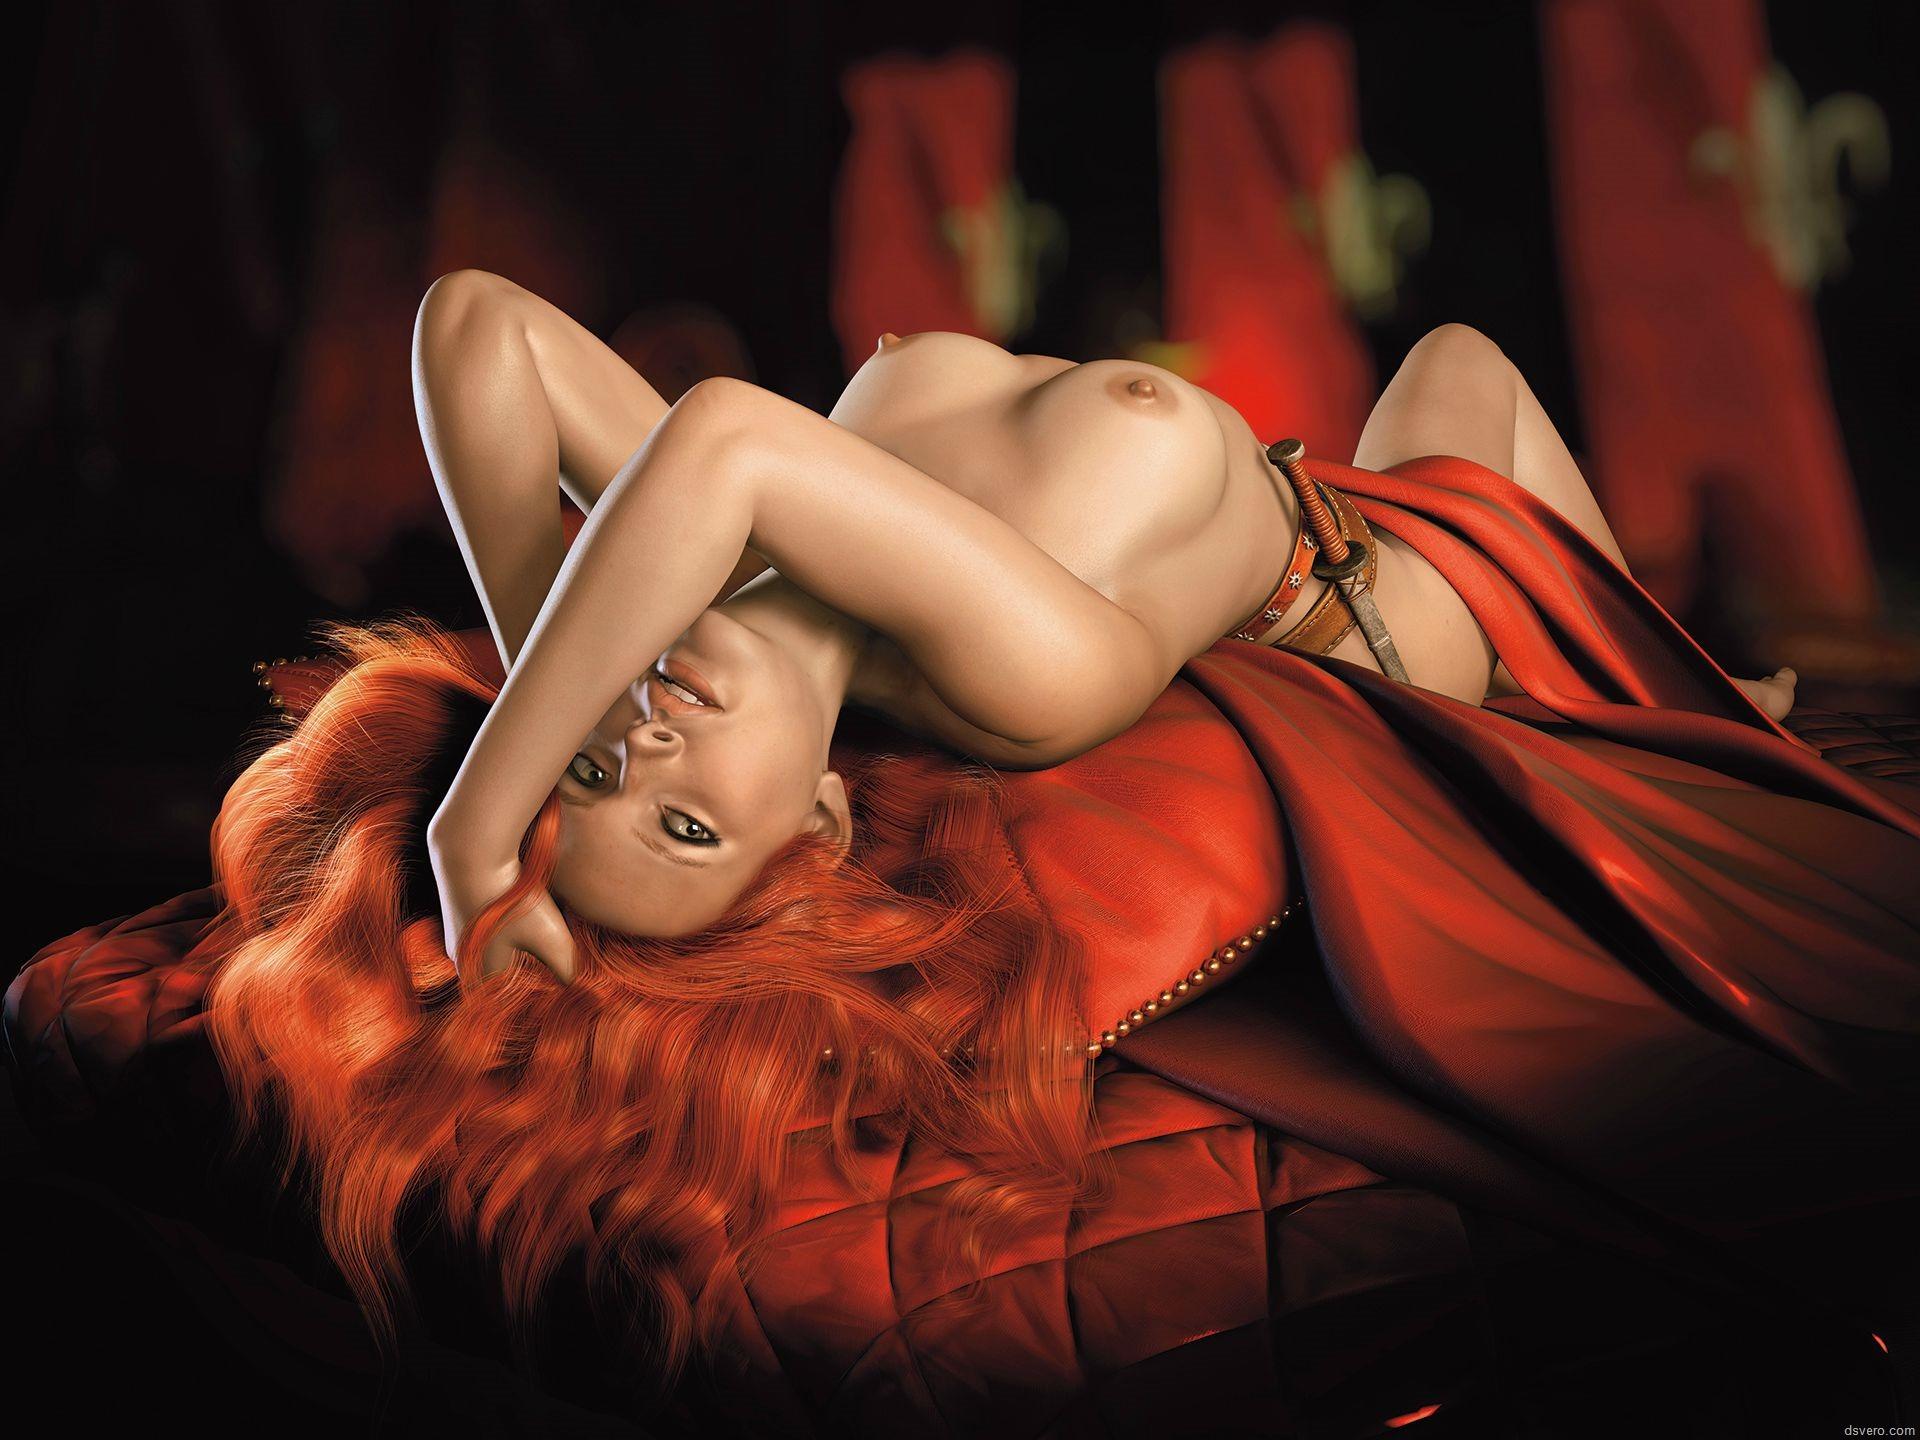 Triss nago erotic video